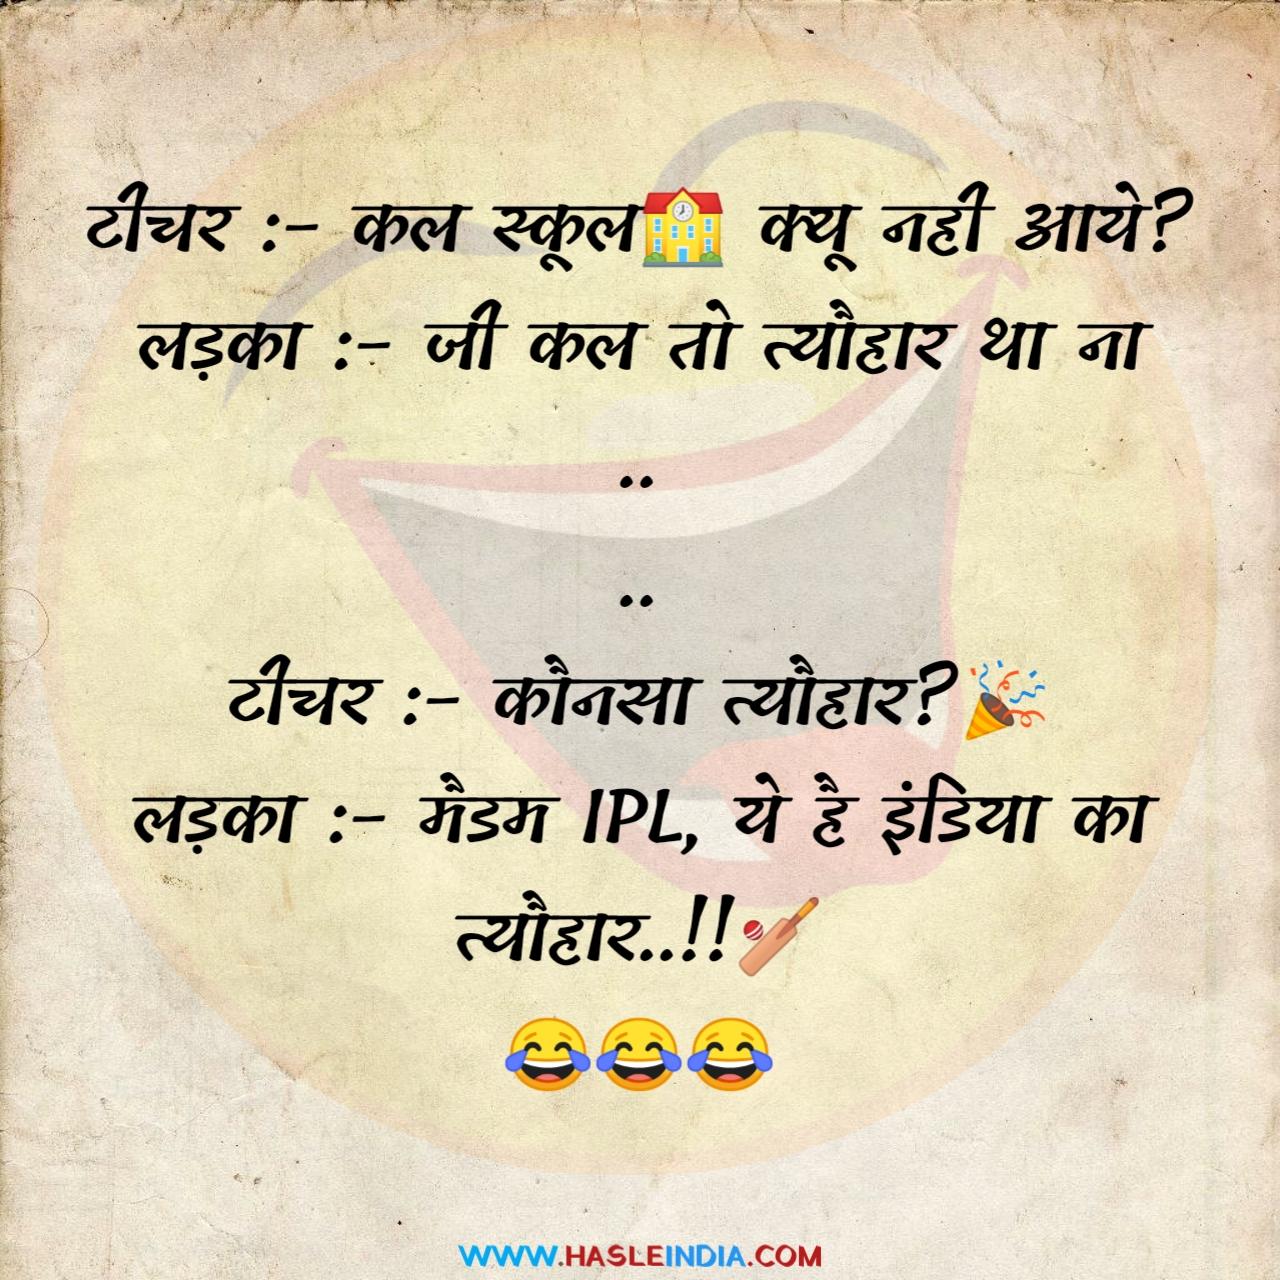 cricket jokes,Cricket jokes images,cricket jokes in hindi,funny hindi jokes,Hasle india,hindi chutkule,hindi joke sms,Hindi jokes,hindi jokes images,hindi jokes pic,jokes in hindi,